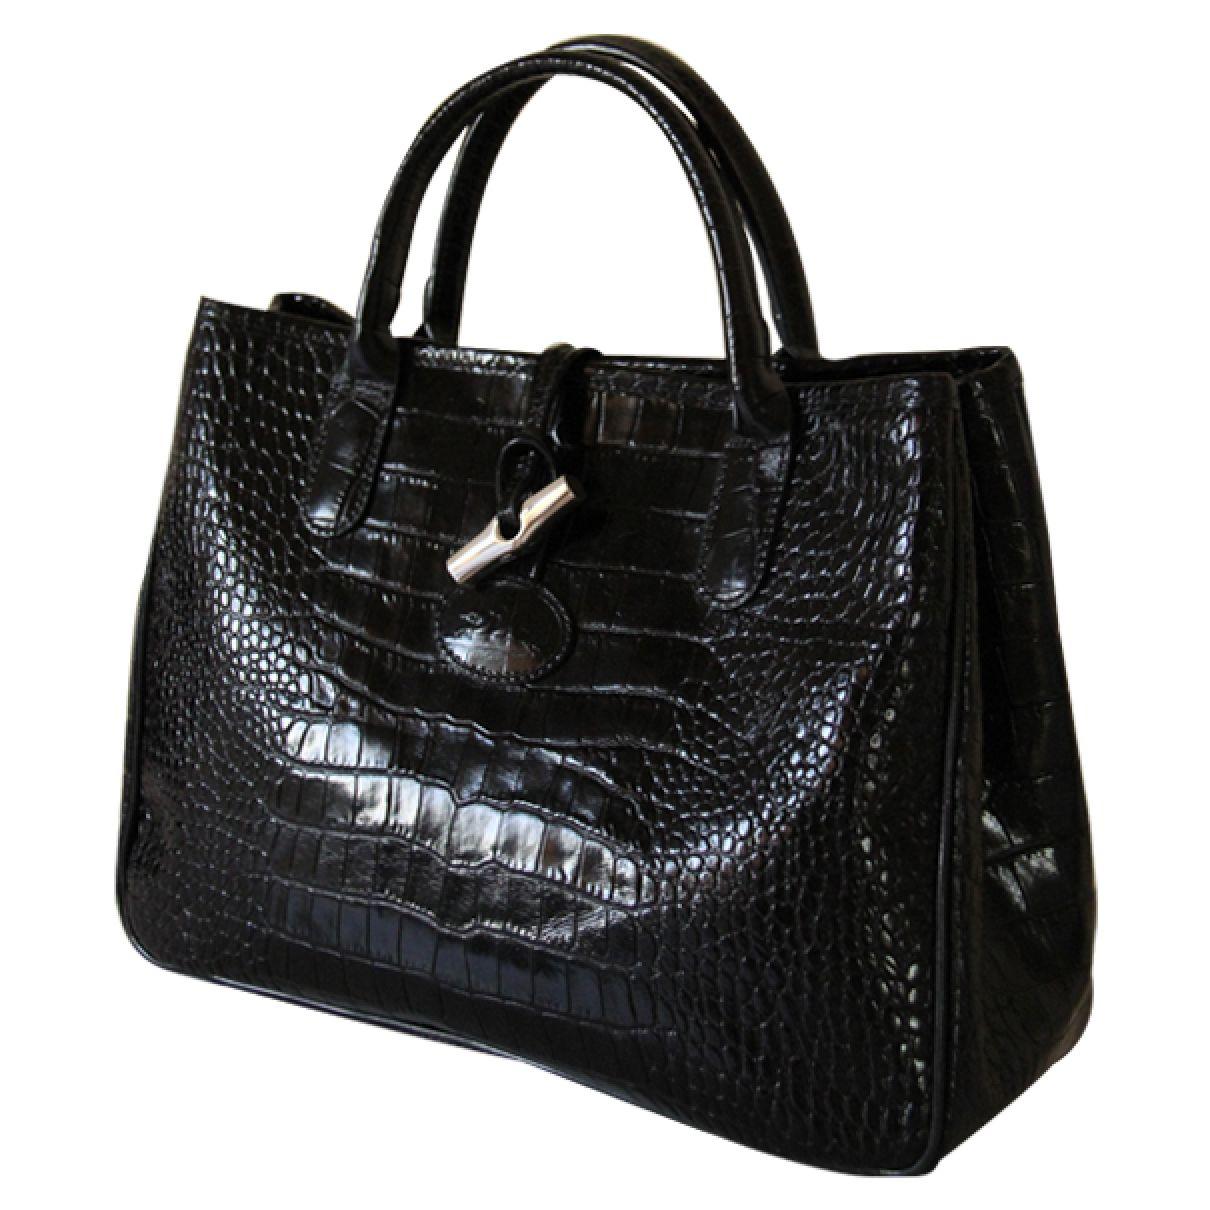 Sac Longchamp Roseau Fushia : Sac longchamps roseau croco